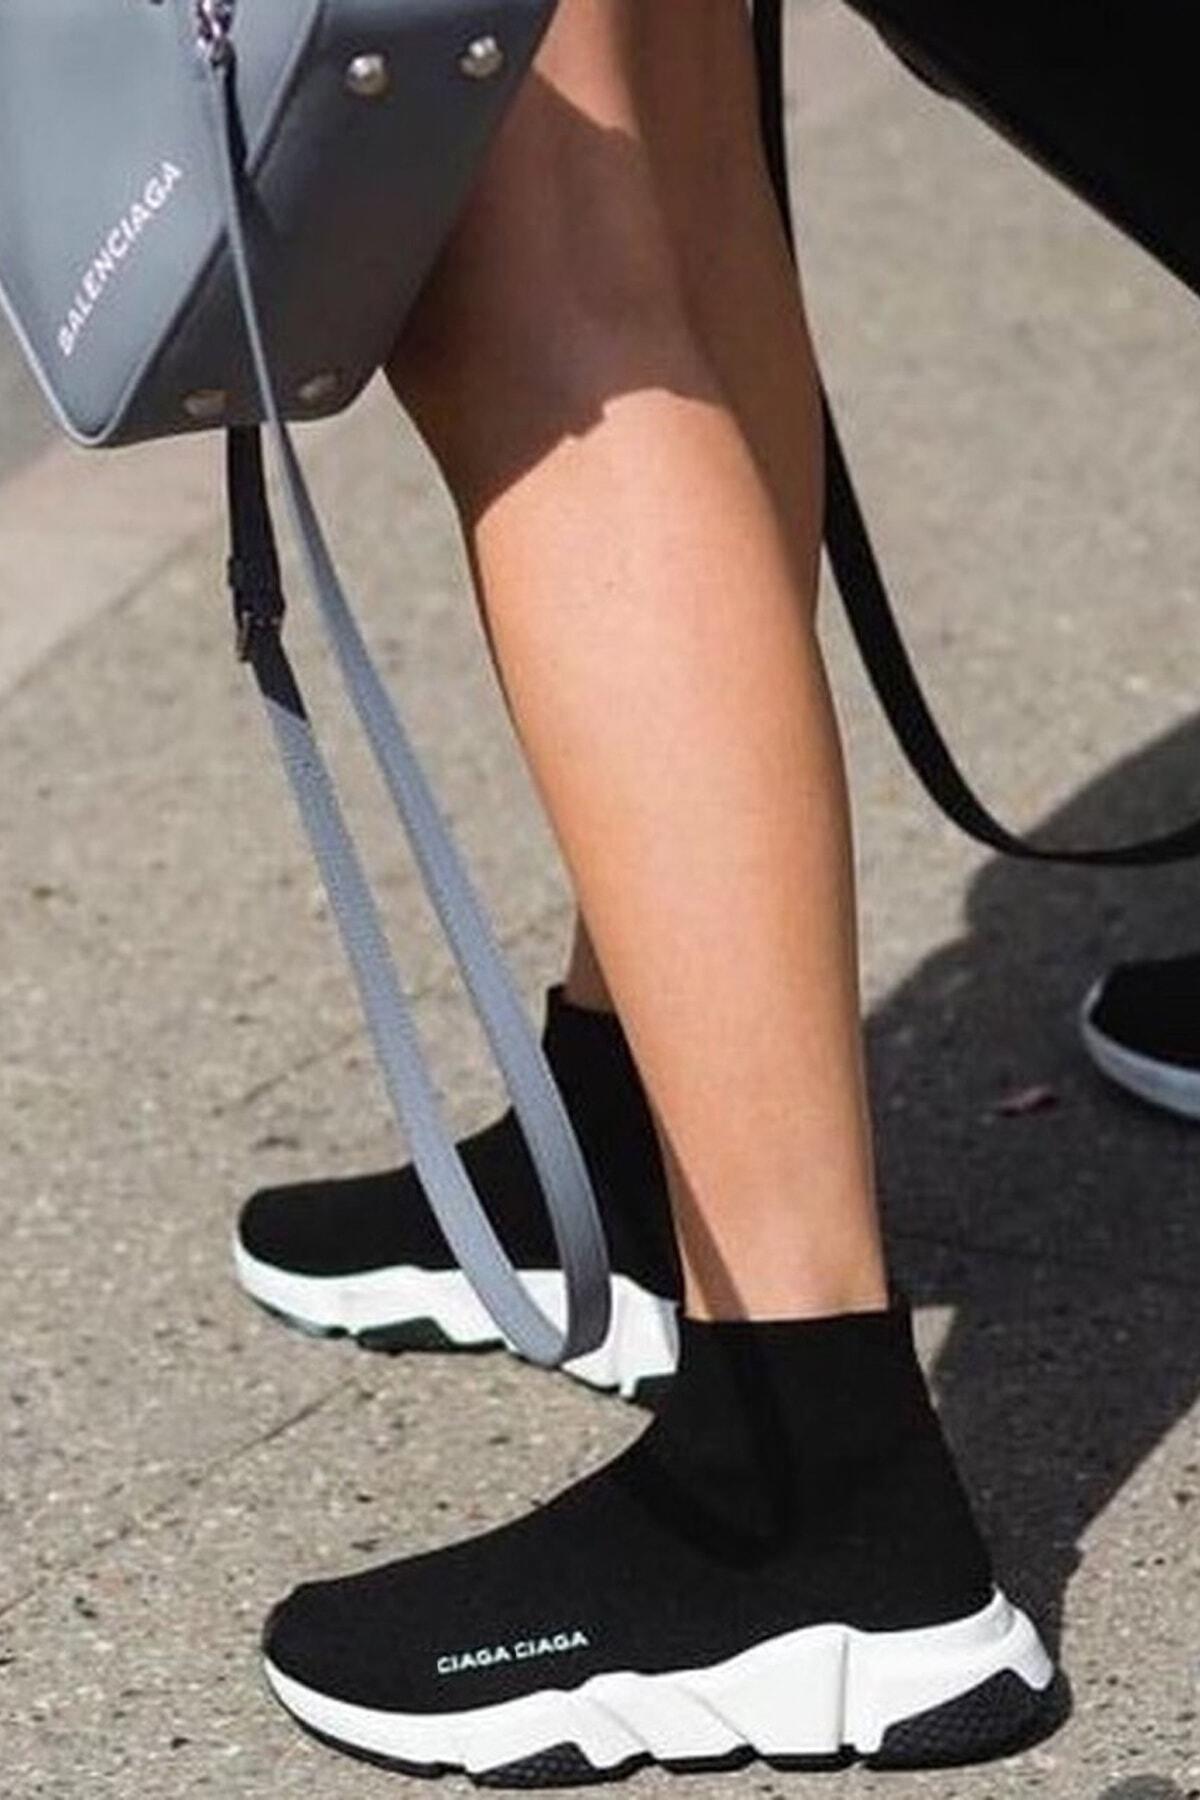 SHOELAND Siyah Beyaz Çoraplı Spor Ayakkabı 2